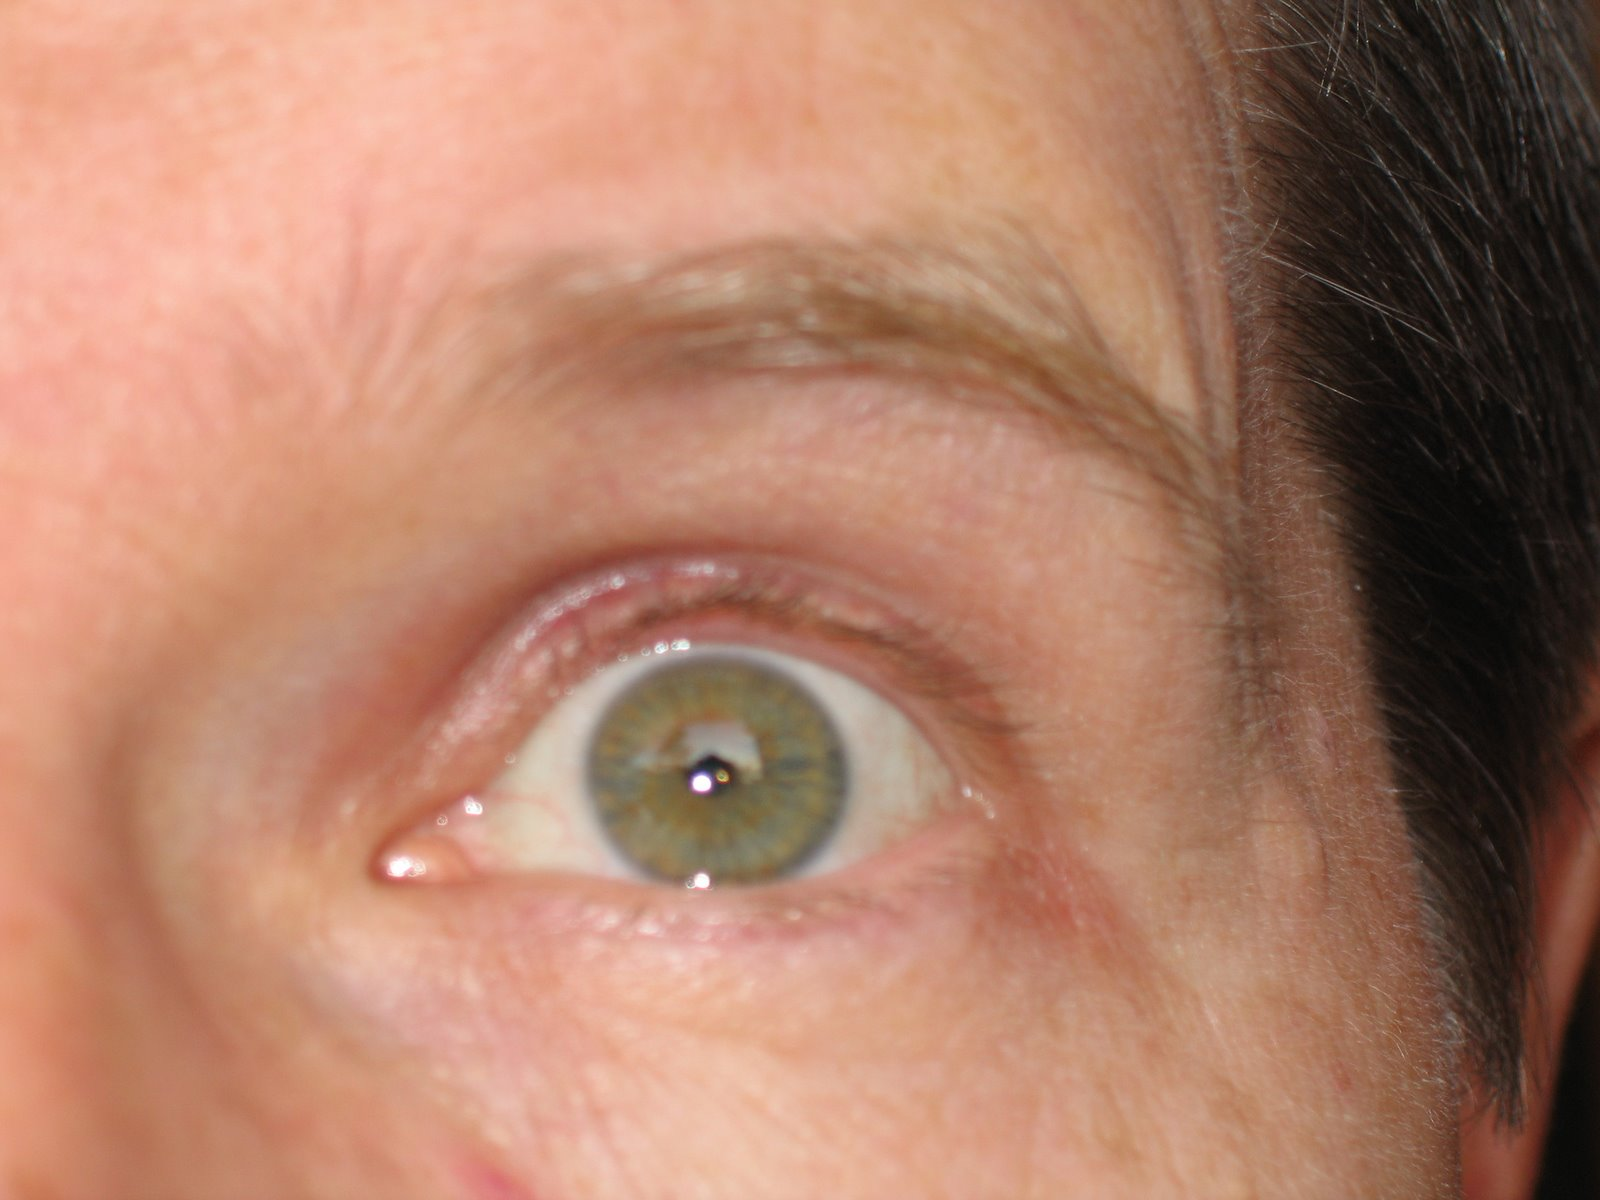 desintoxicacion-mirtha.blogspot.com: ganglios linfaticos inflamados